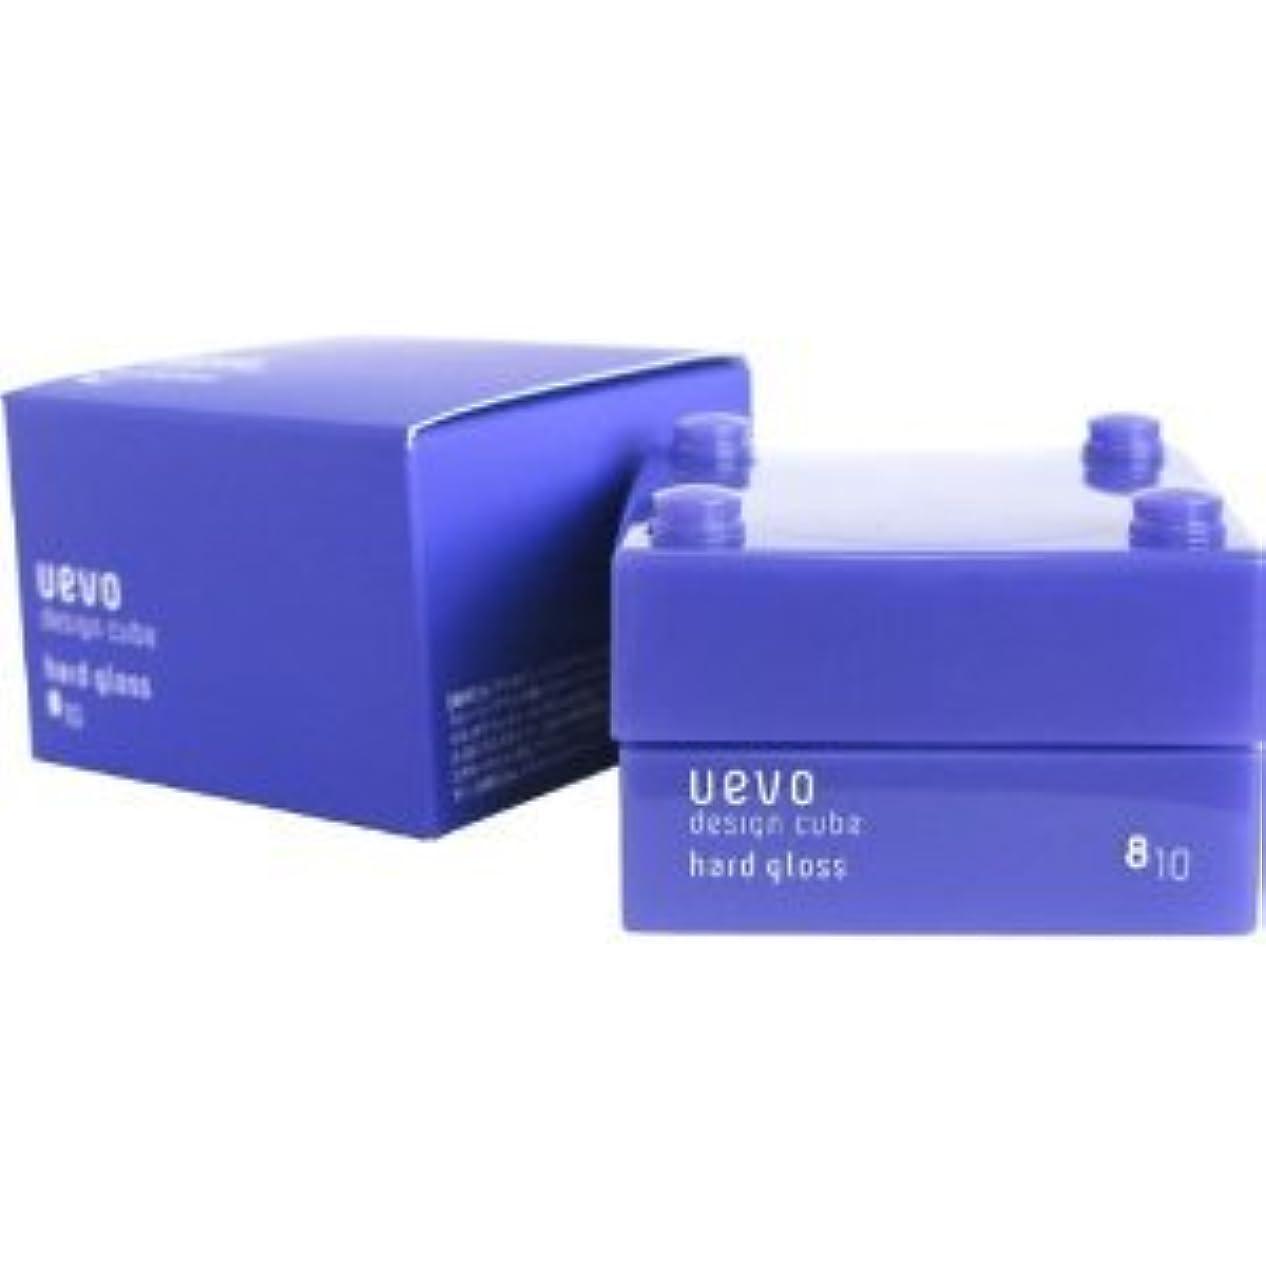 アッティカス物理困惑する【X2個セット】 デミ ウェーボ デザインキューブ ハードグロス 30g hard gloss DEMI uevo design cube